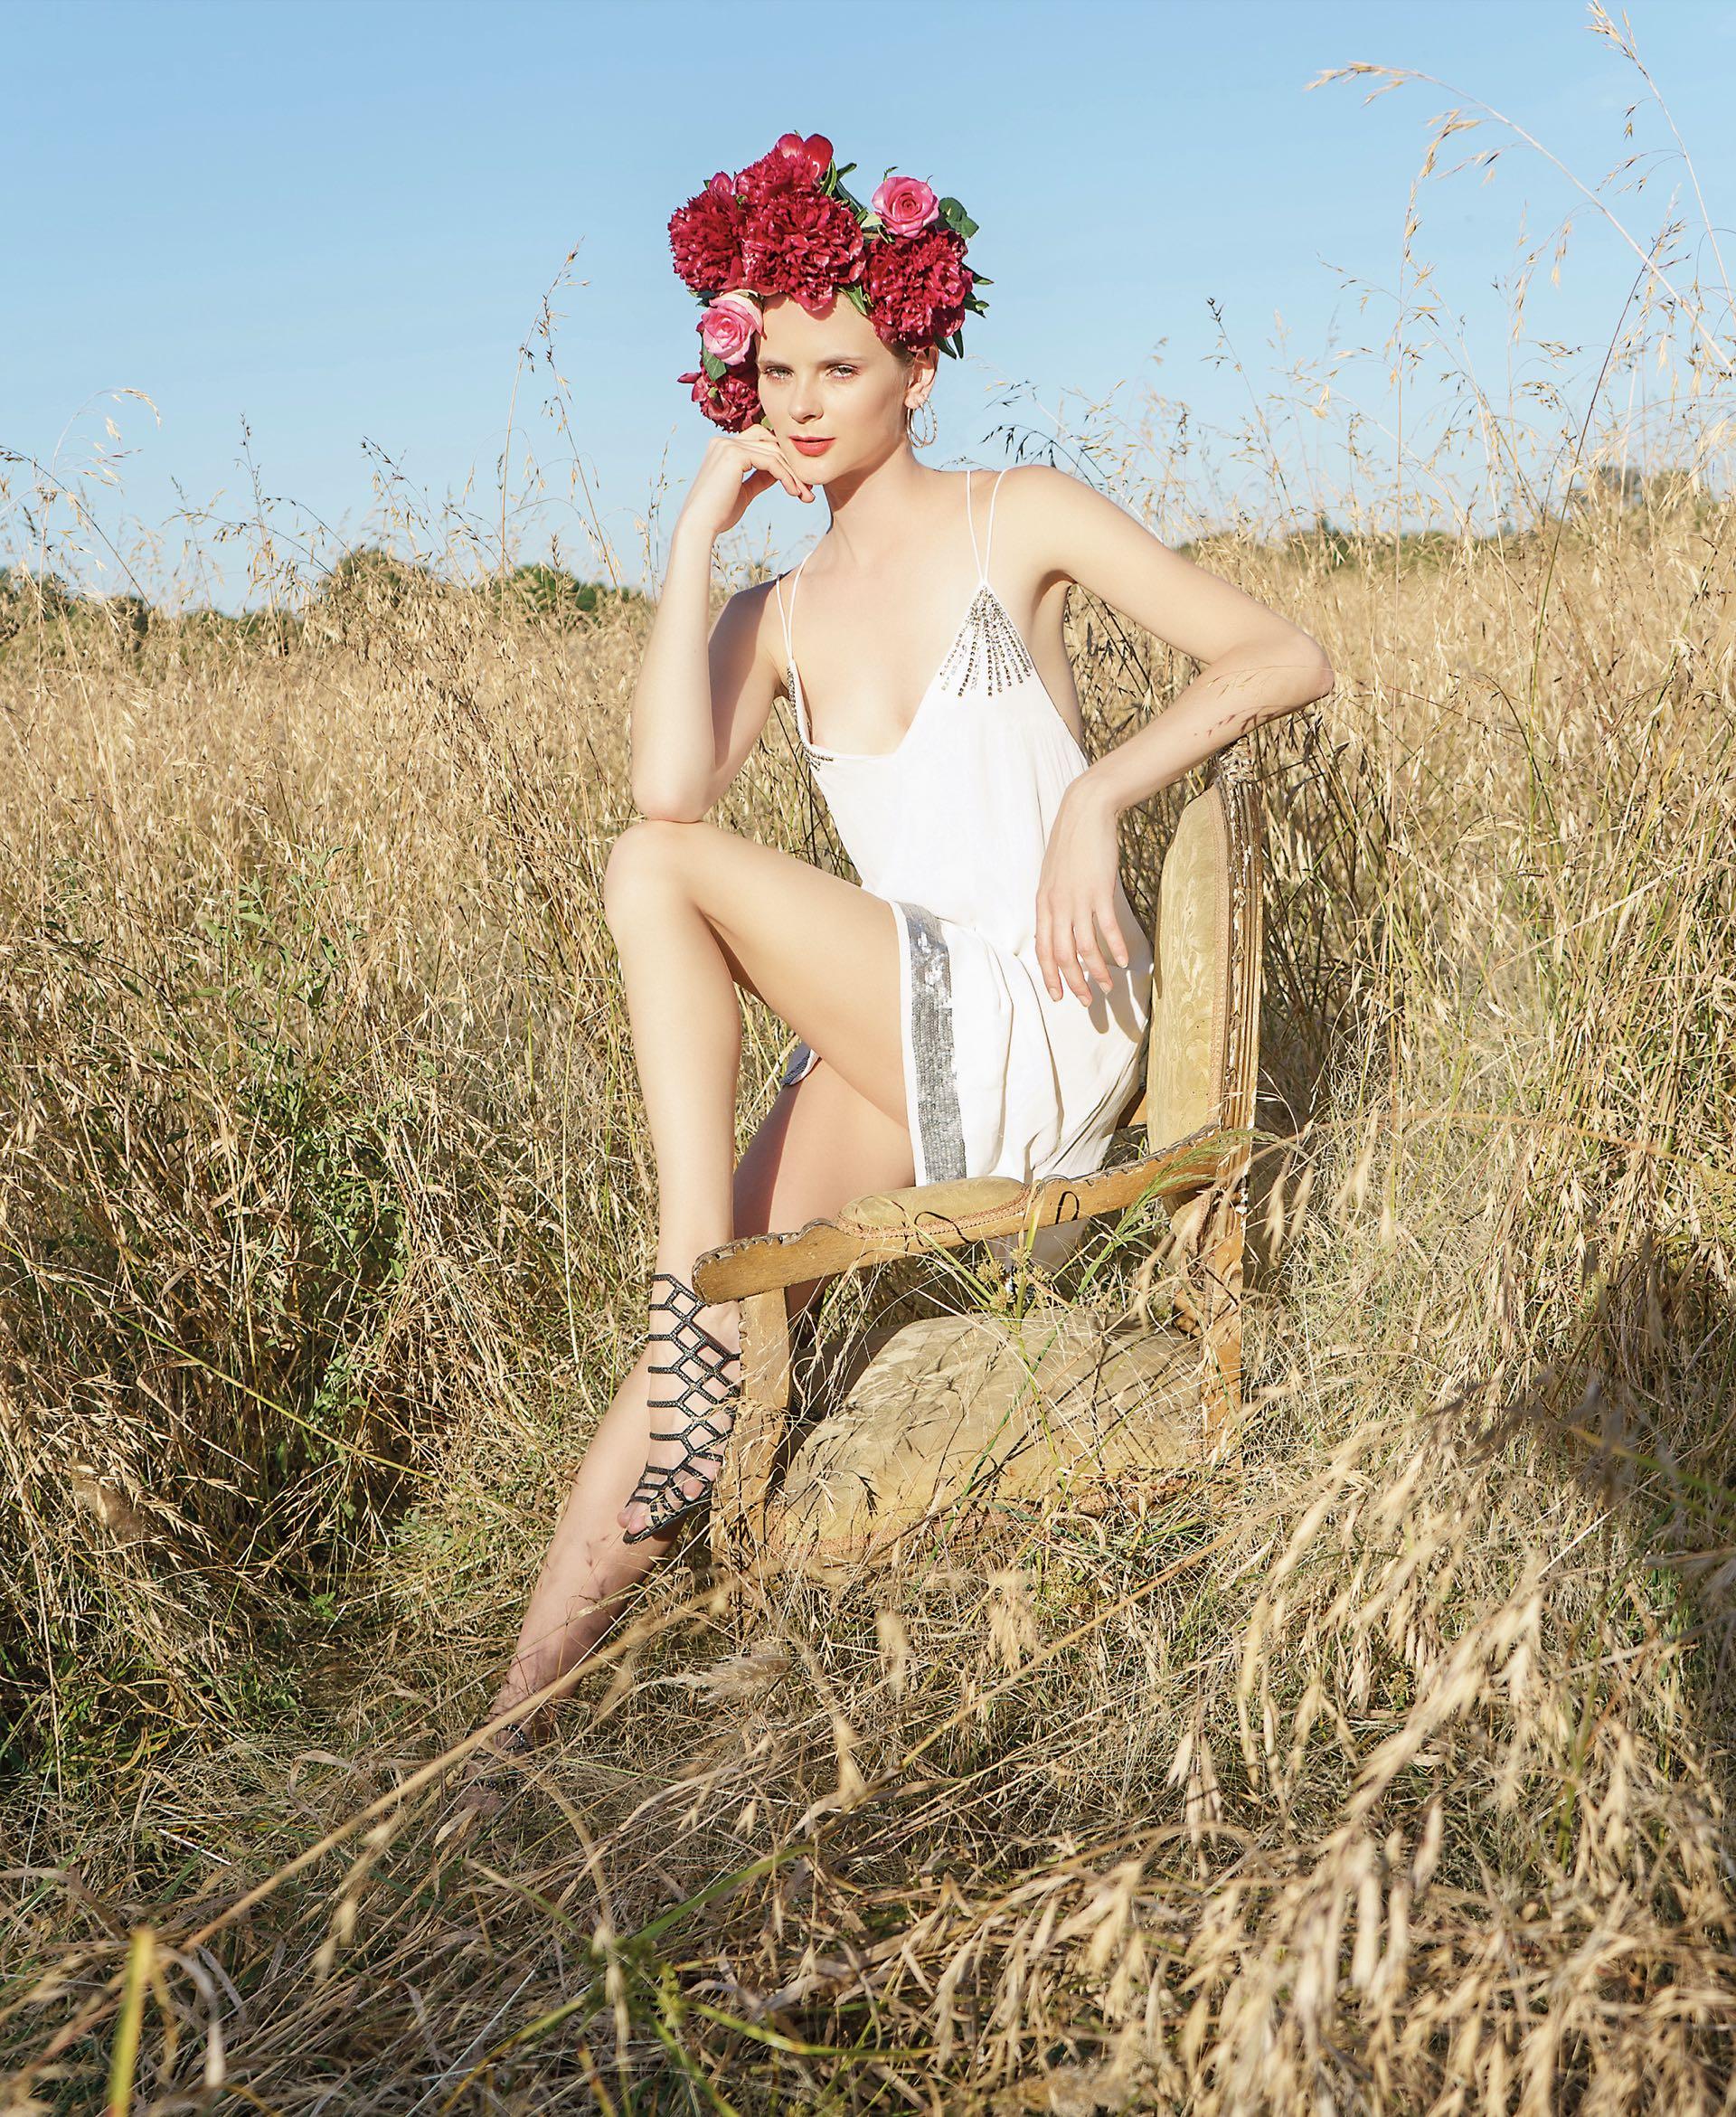 Vestido de gasa con detalles bordados ($ 5.250, Jazmín Chebar), aros de plata (Unode50) y sandalias de cuero grabado ecológico($ 920, Fragola).Foto Juan Jauregui/ Para Ti